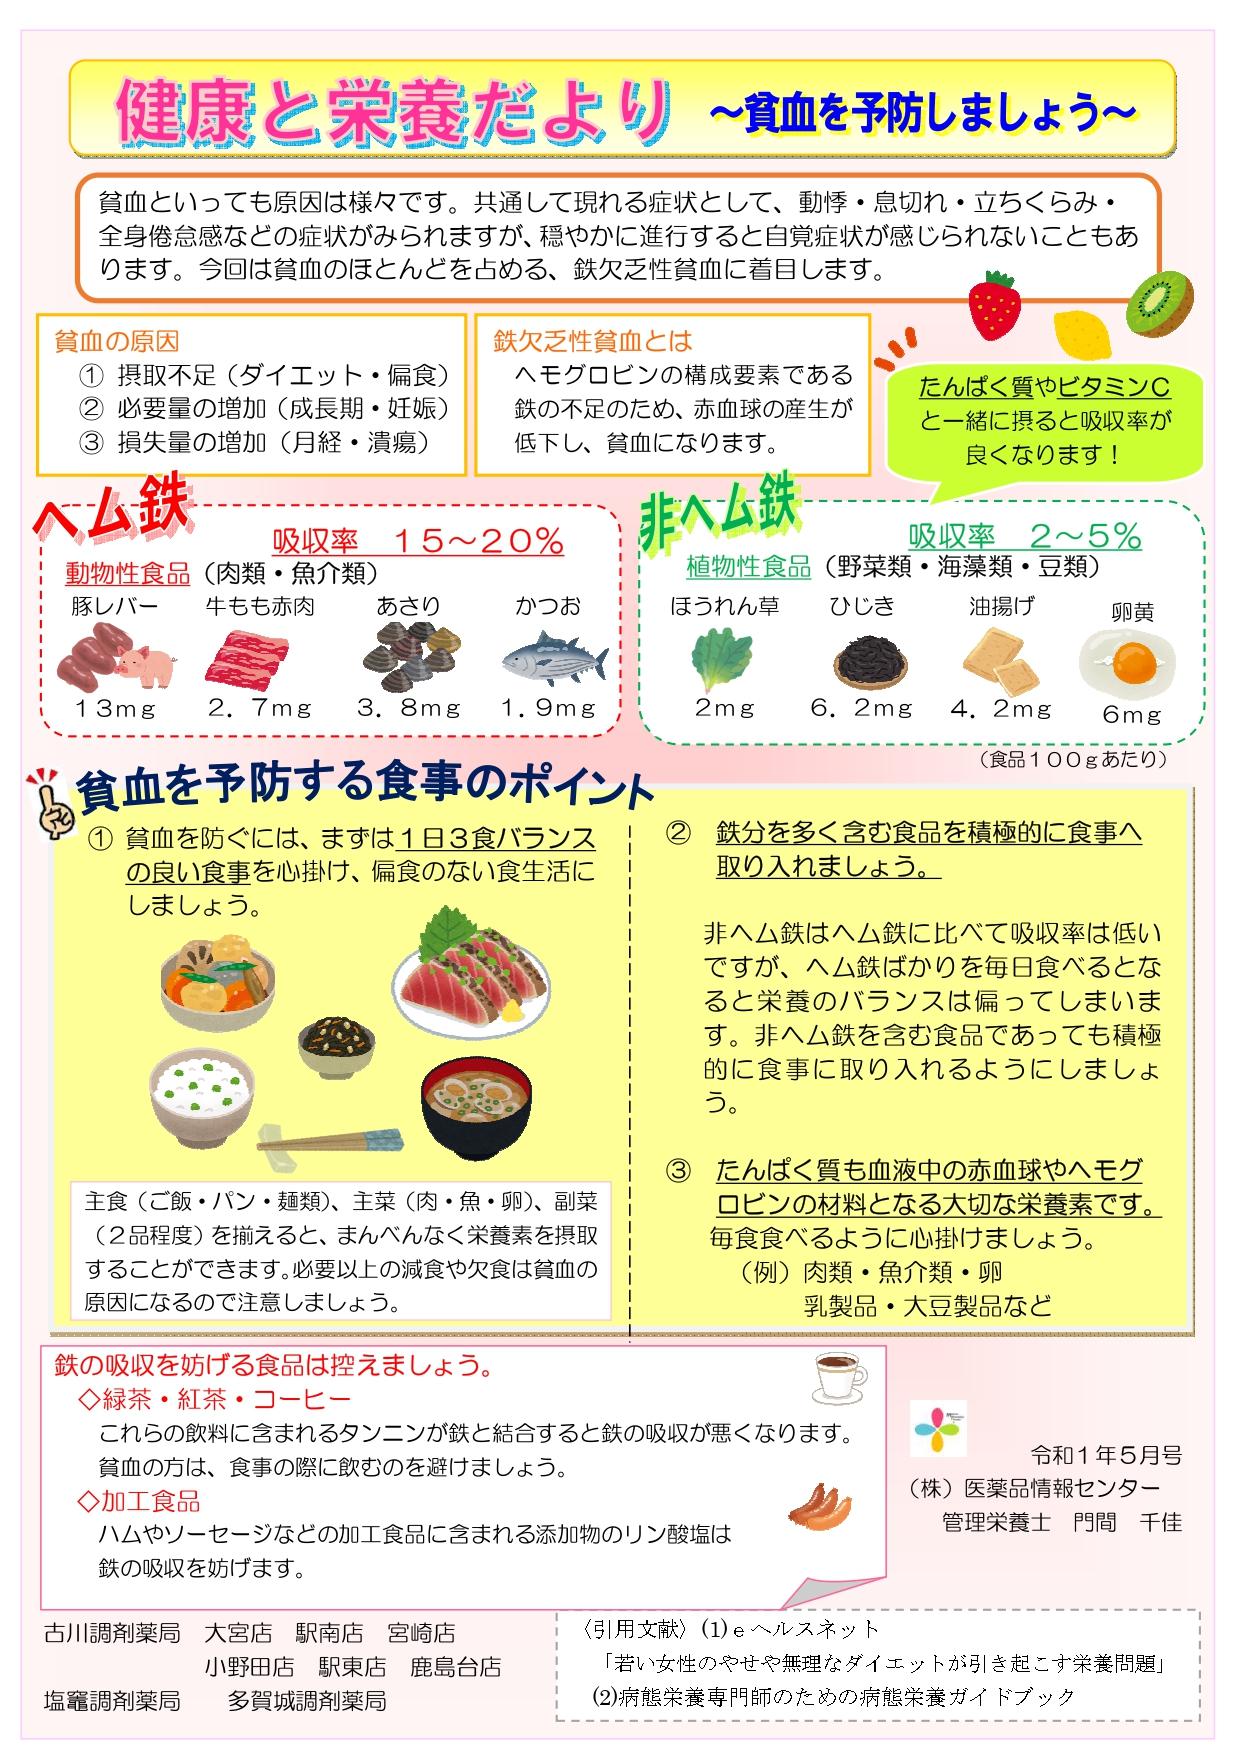 貧血パンフレット用R1年5月_page-0001